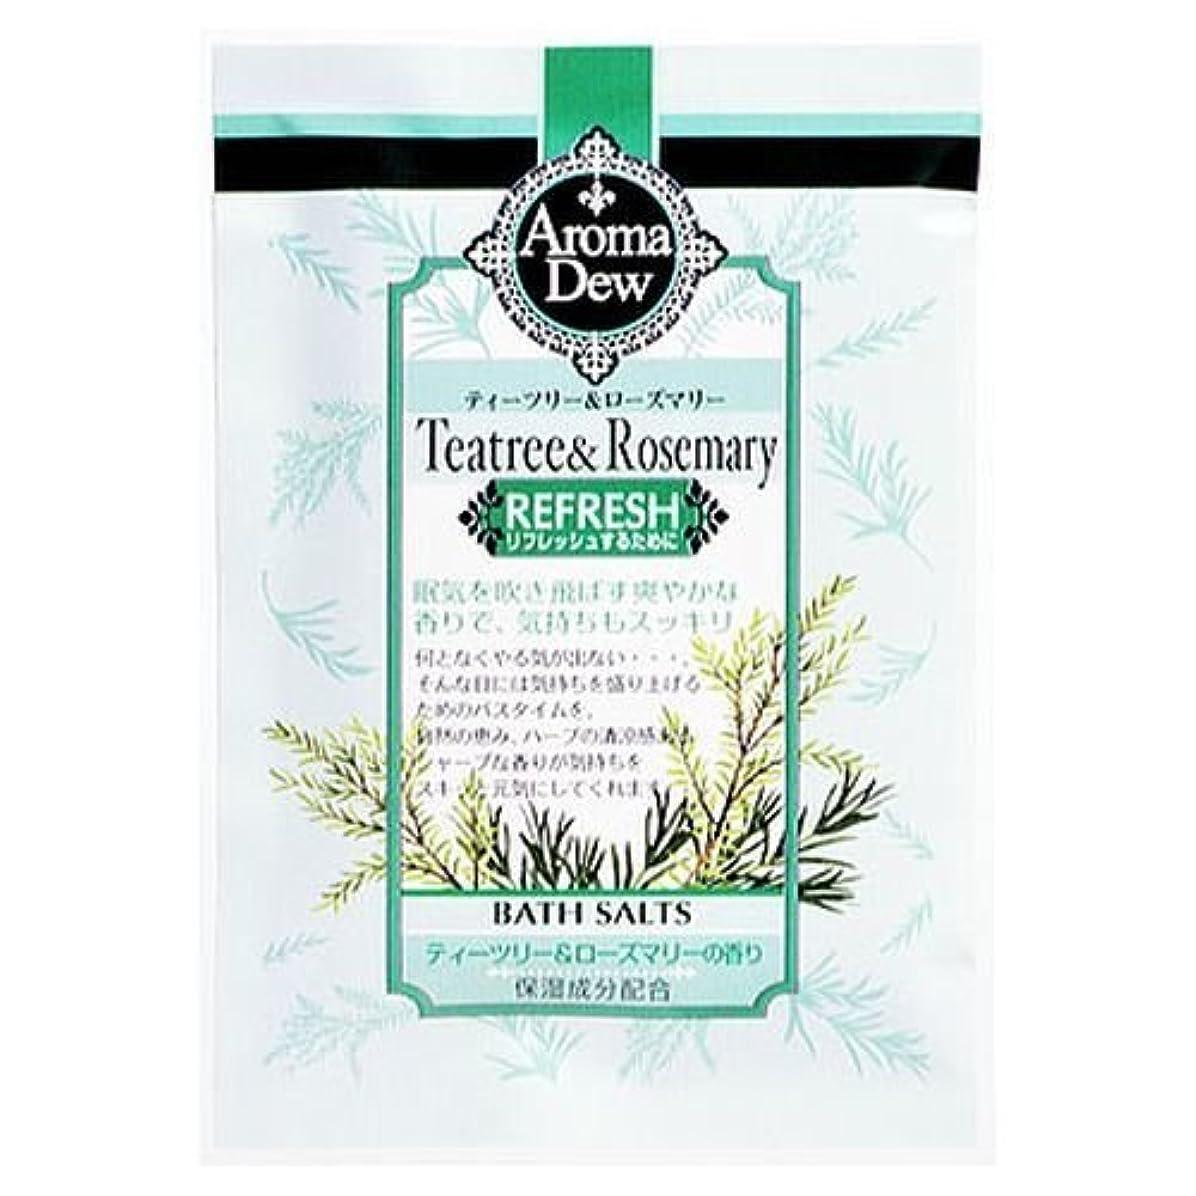 膨らませる機関思慮深いアロマデュウ バスソルト ティーツリー&ローズマリーの香り ティーツリー&ローズ